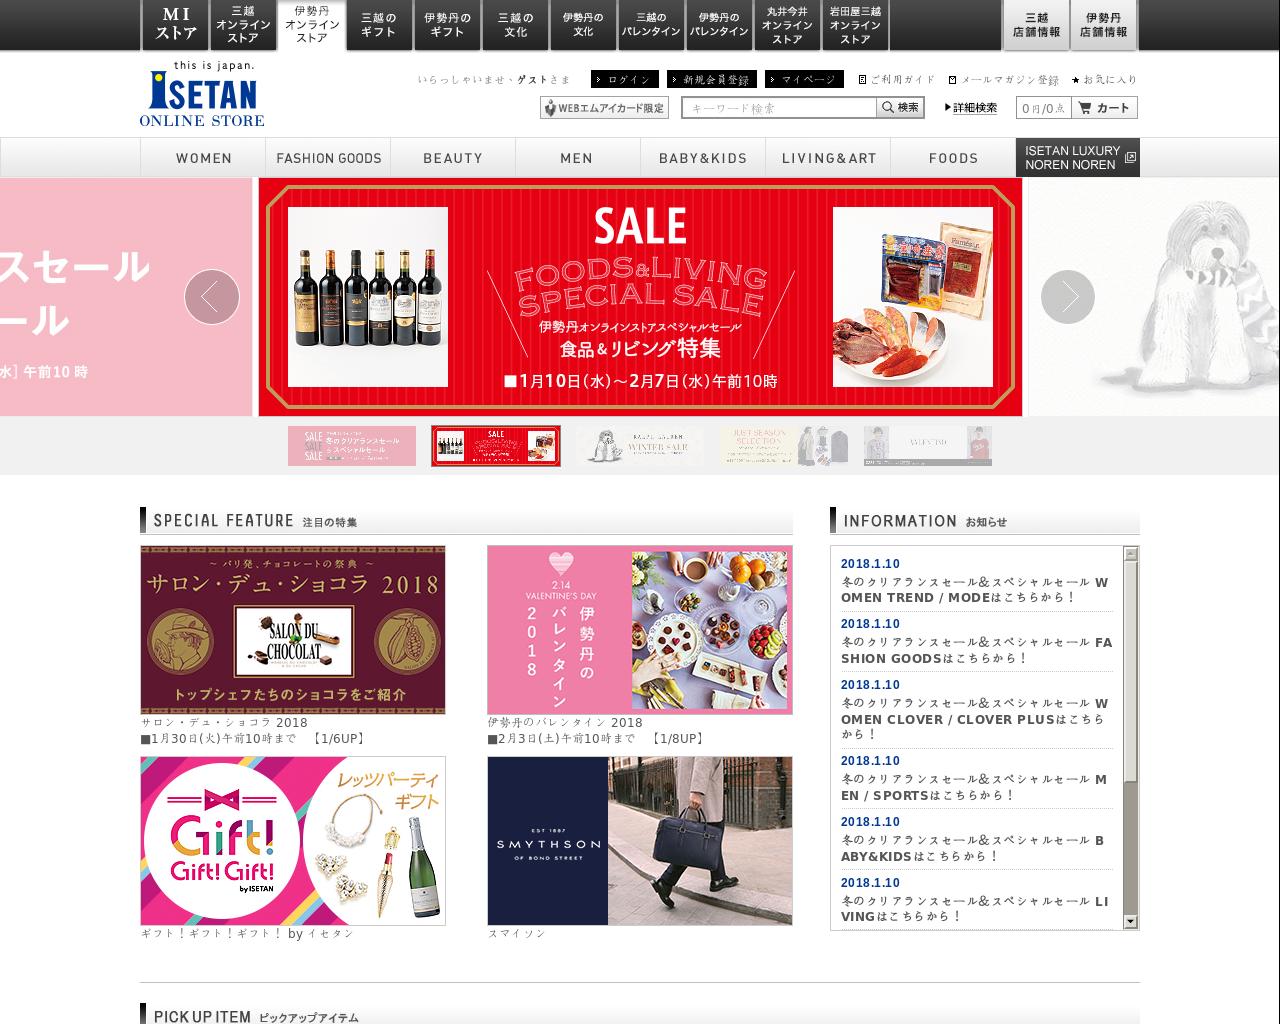 isetan.mistore.jp(2018/01/12 20:40:55)